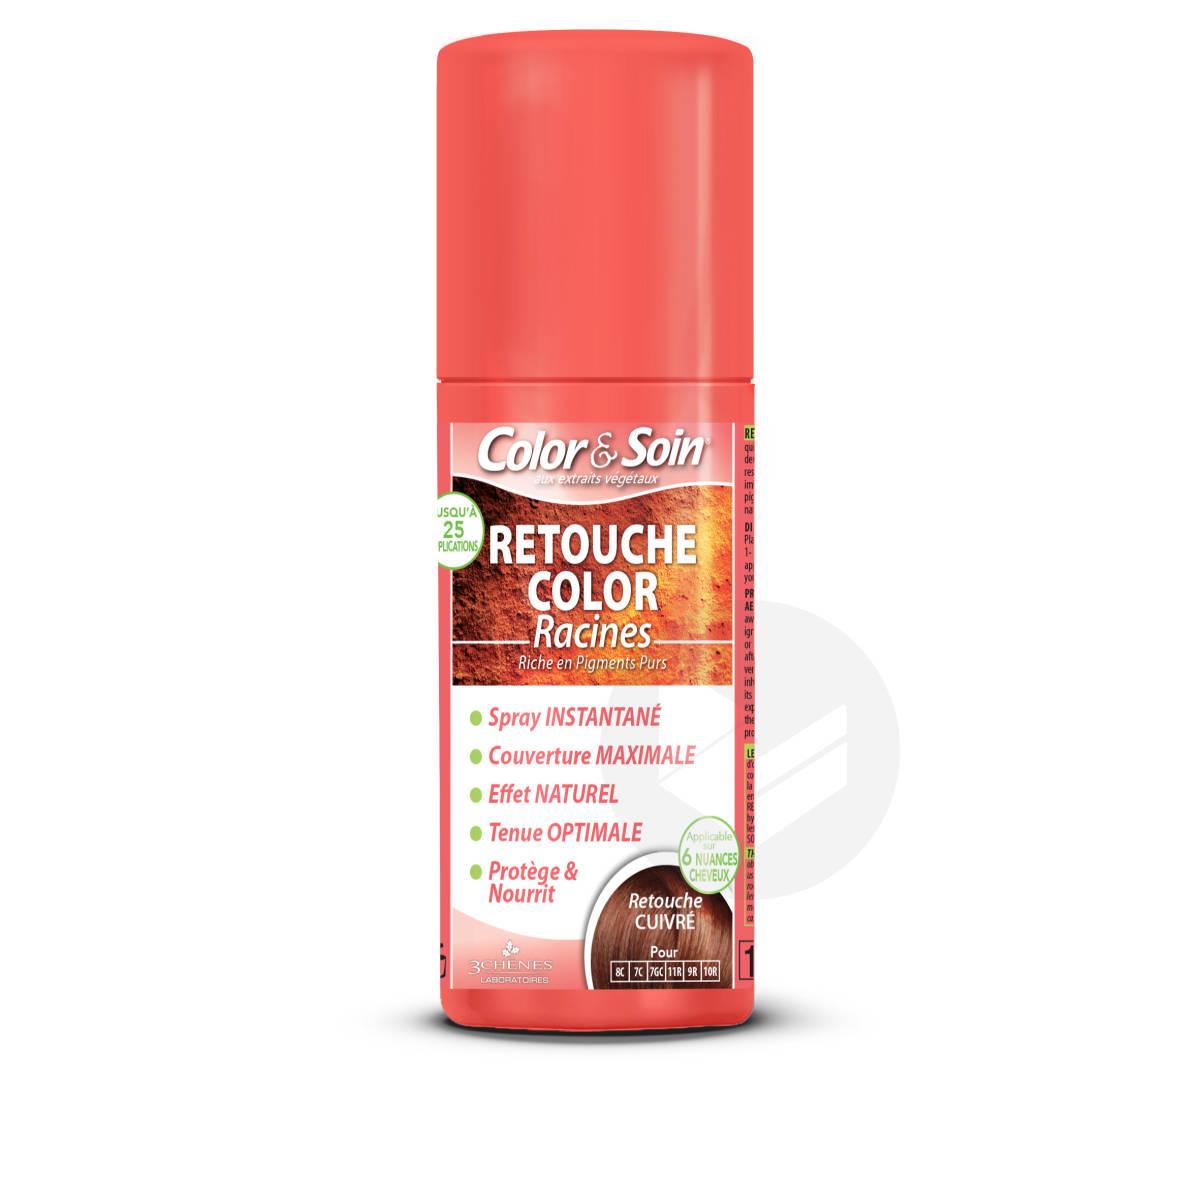 Retouche Color Cuivre 75ml